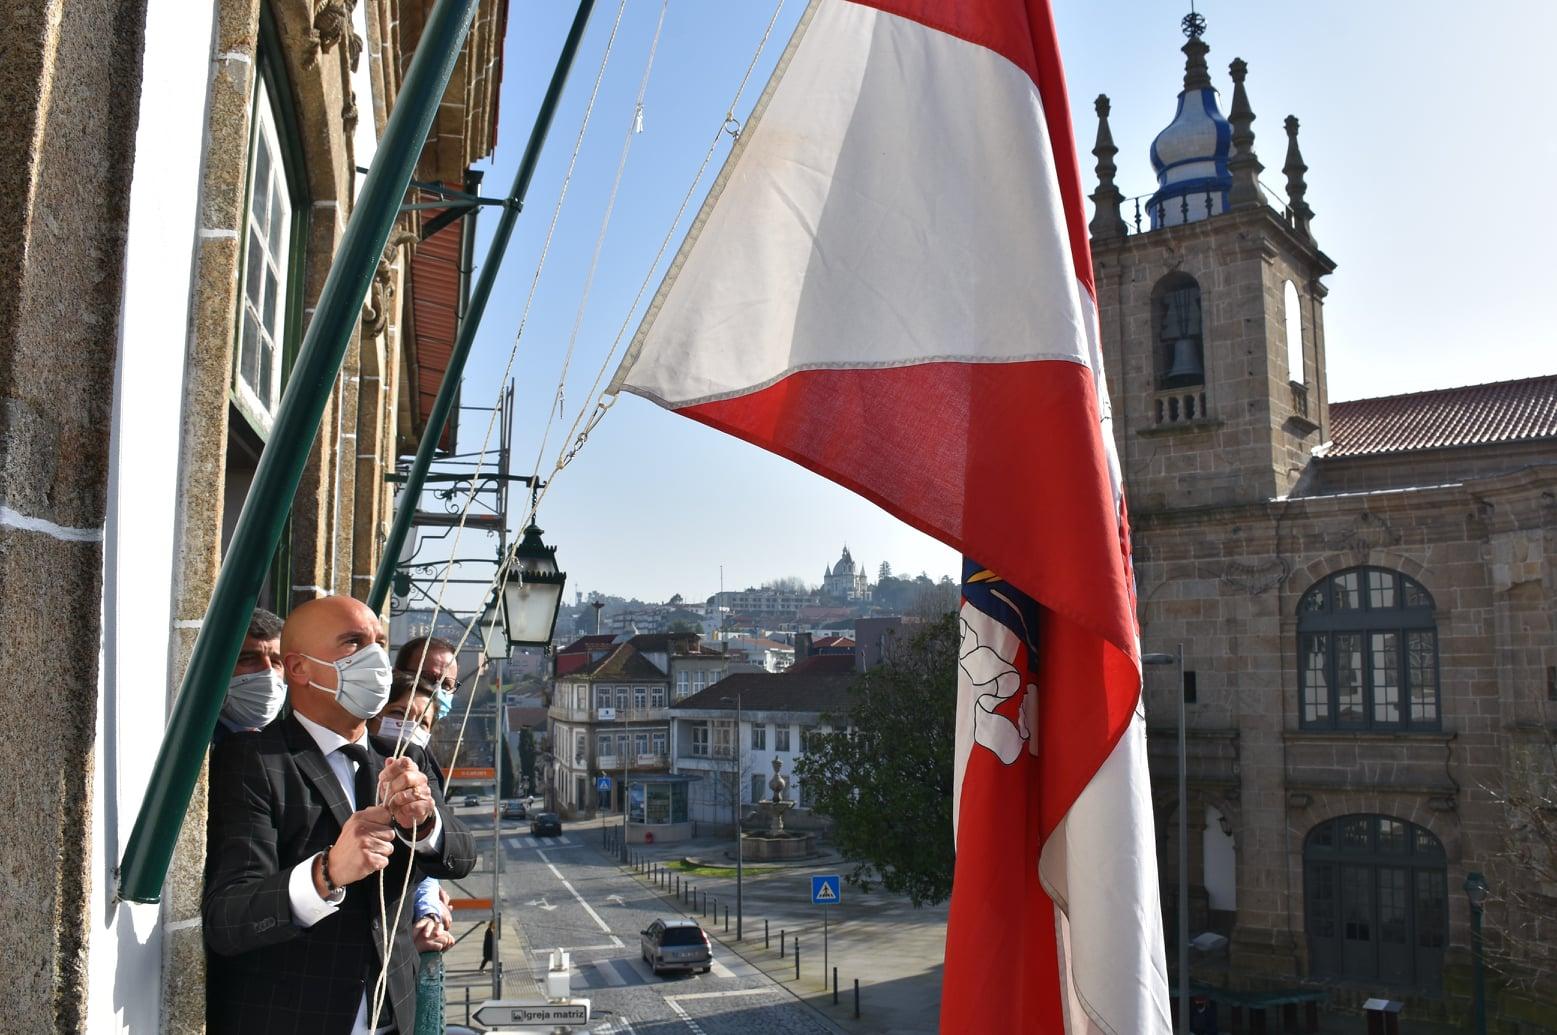 Penafiel presta homenagem aos profissionais de saúde em dia de aniversário da cidade